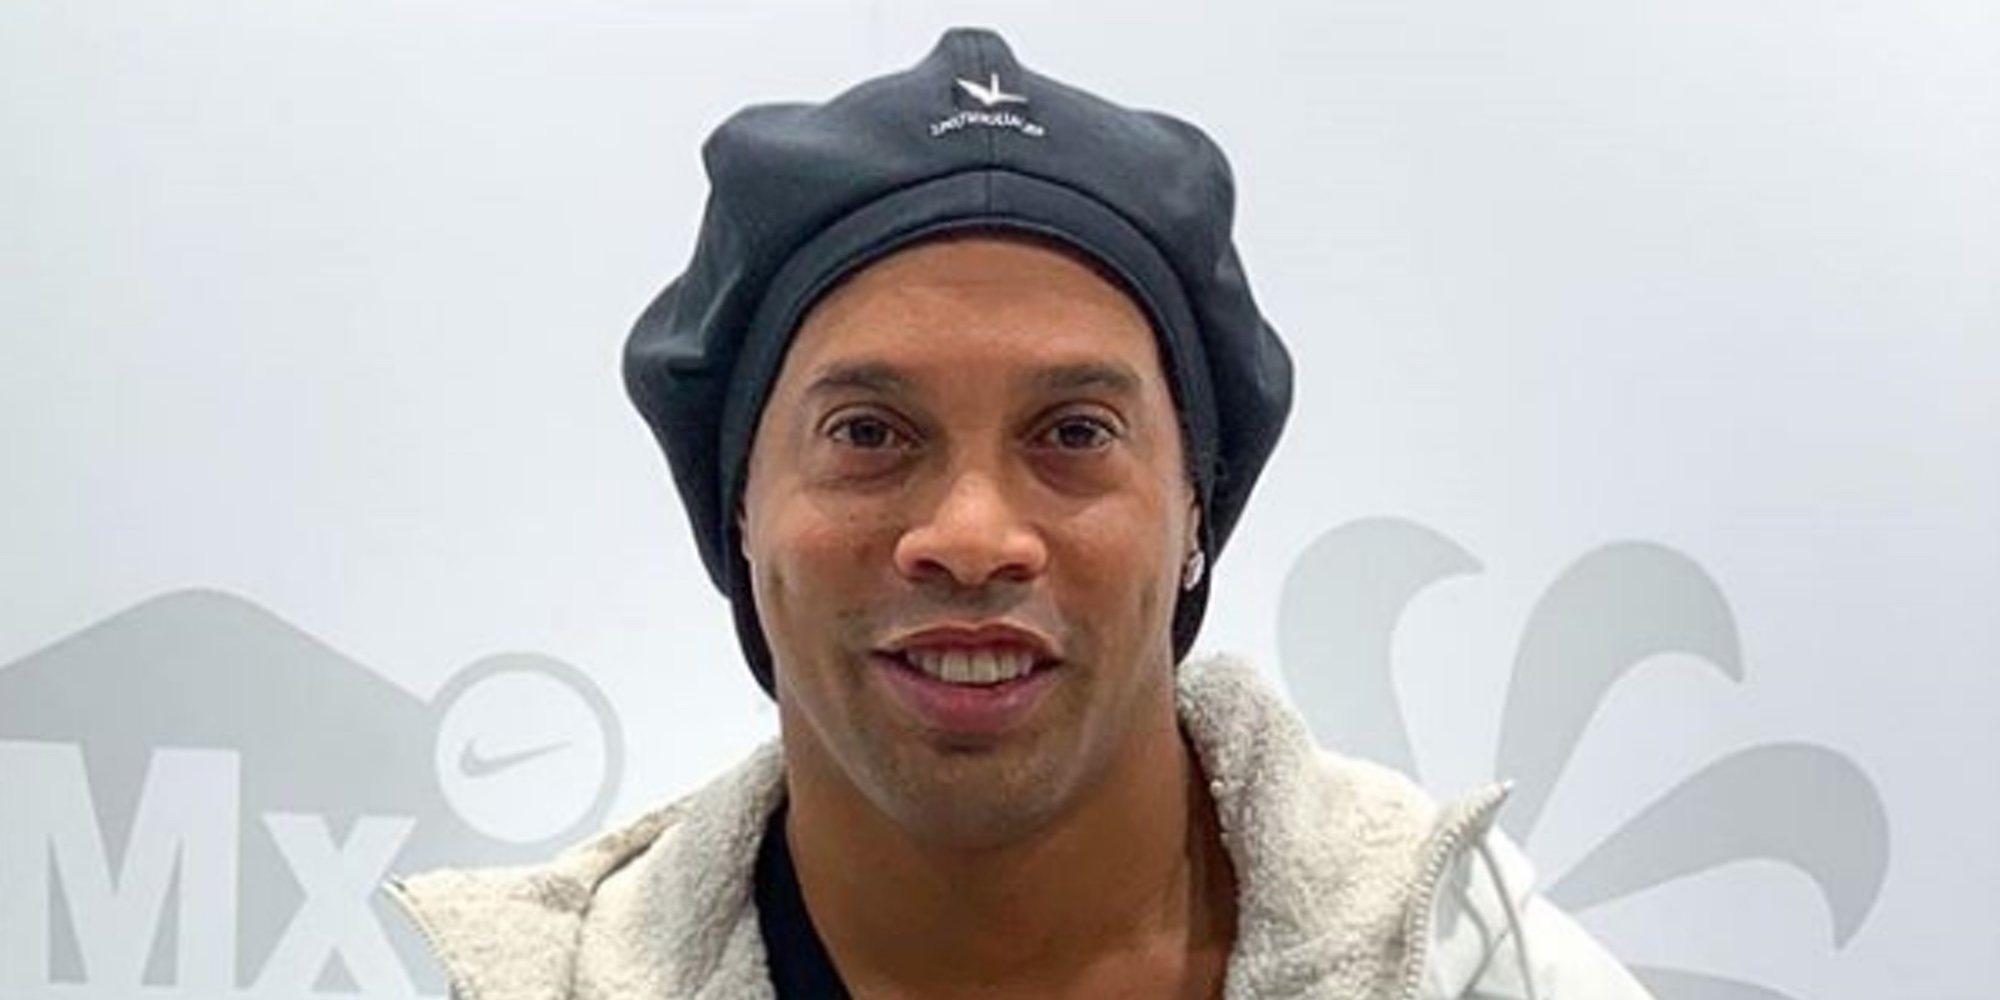 La mala situación de Ronaldinho: arruinado y sin pasaporte